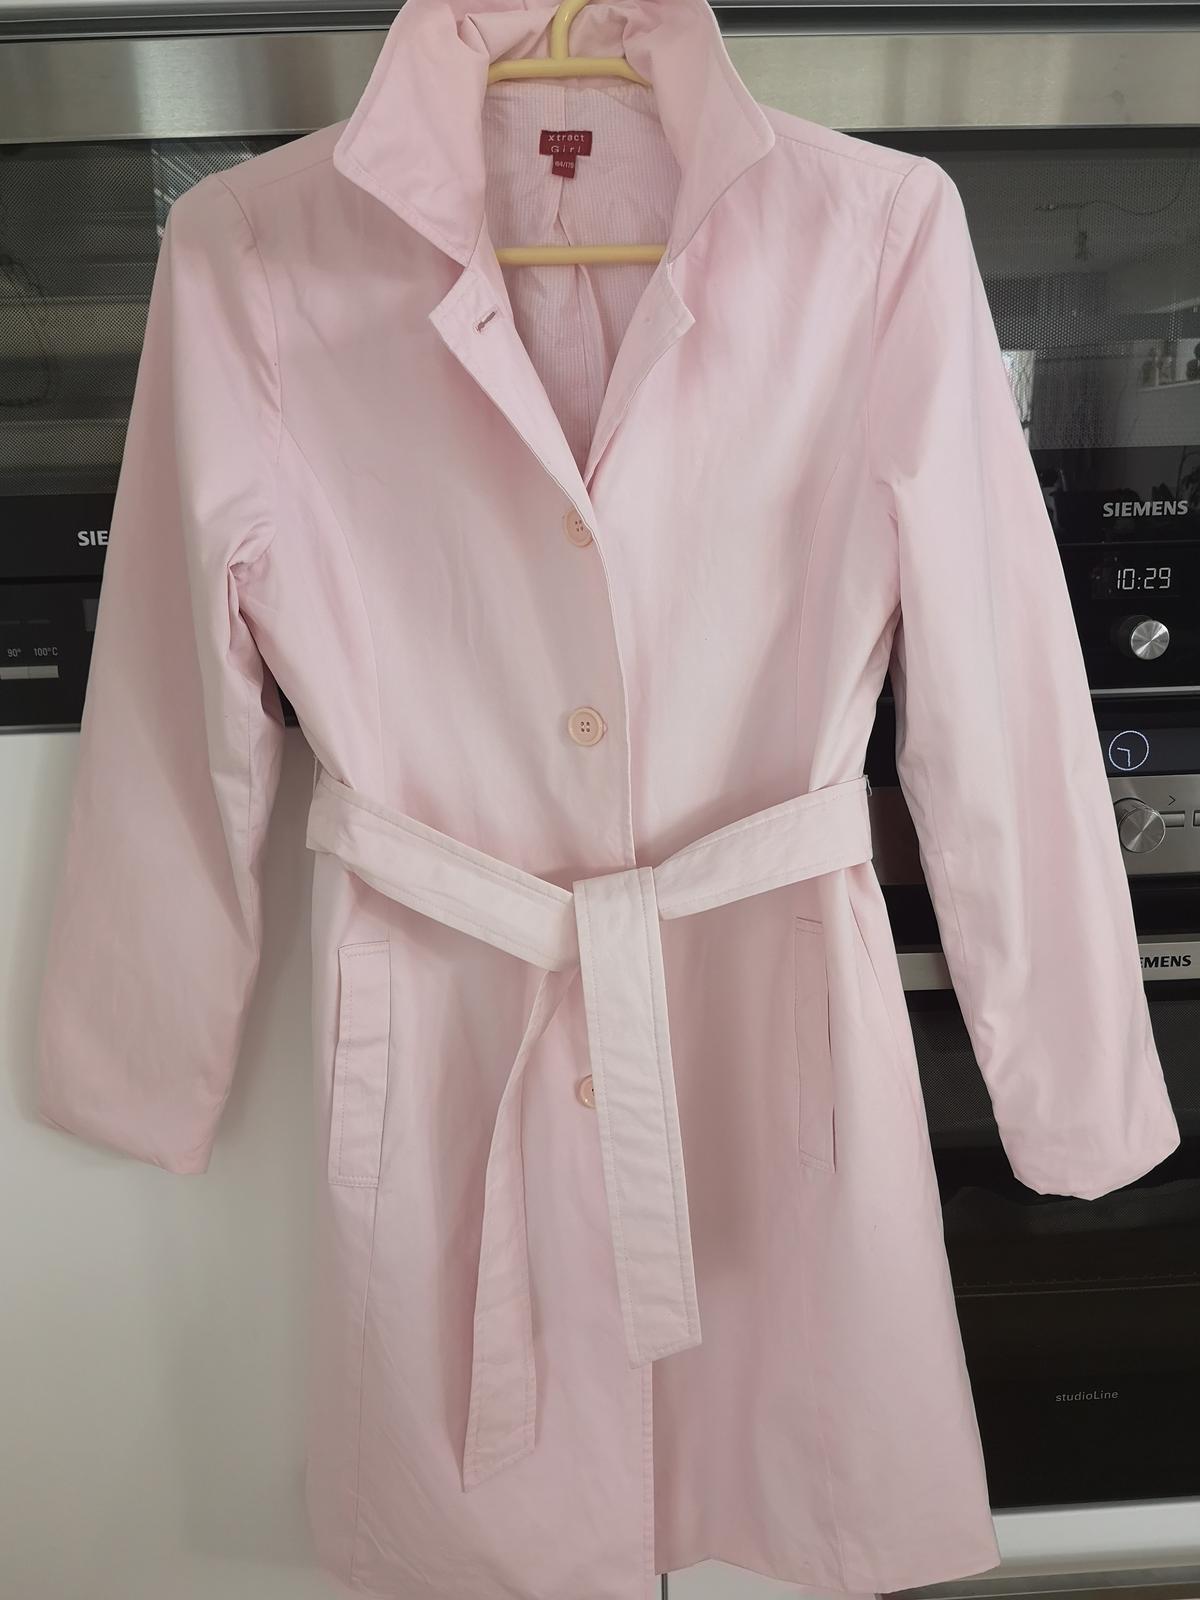 kabát na jaro - Obrázek č. 2